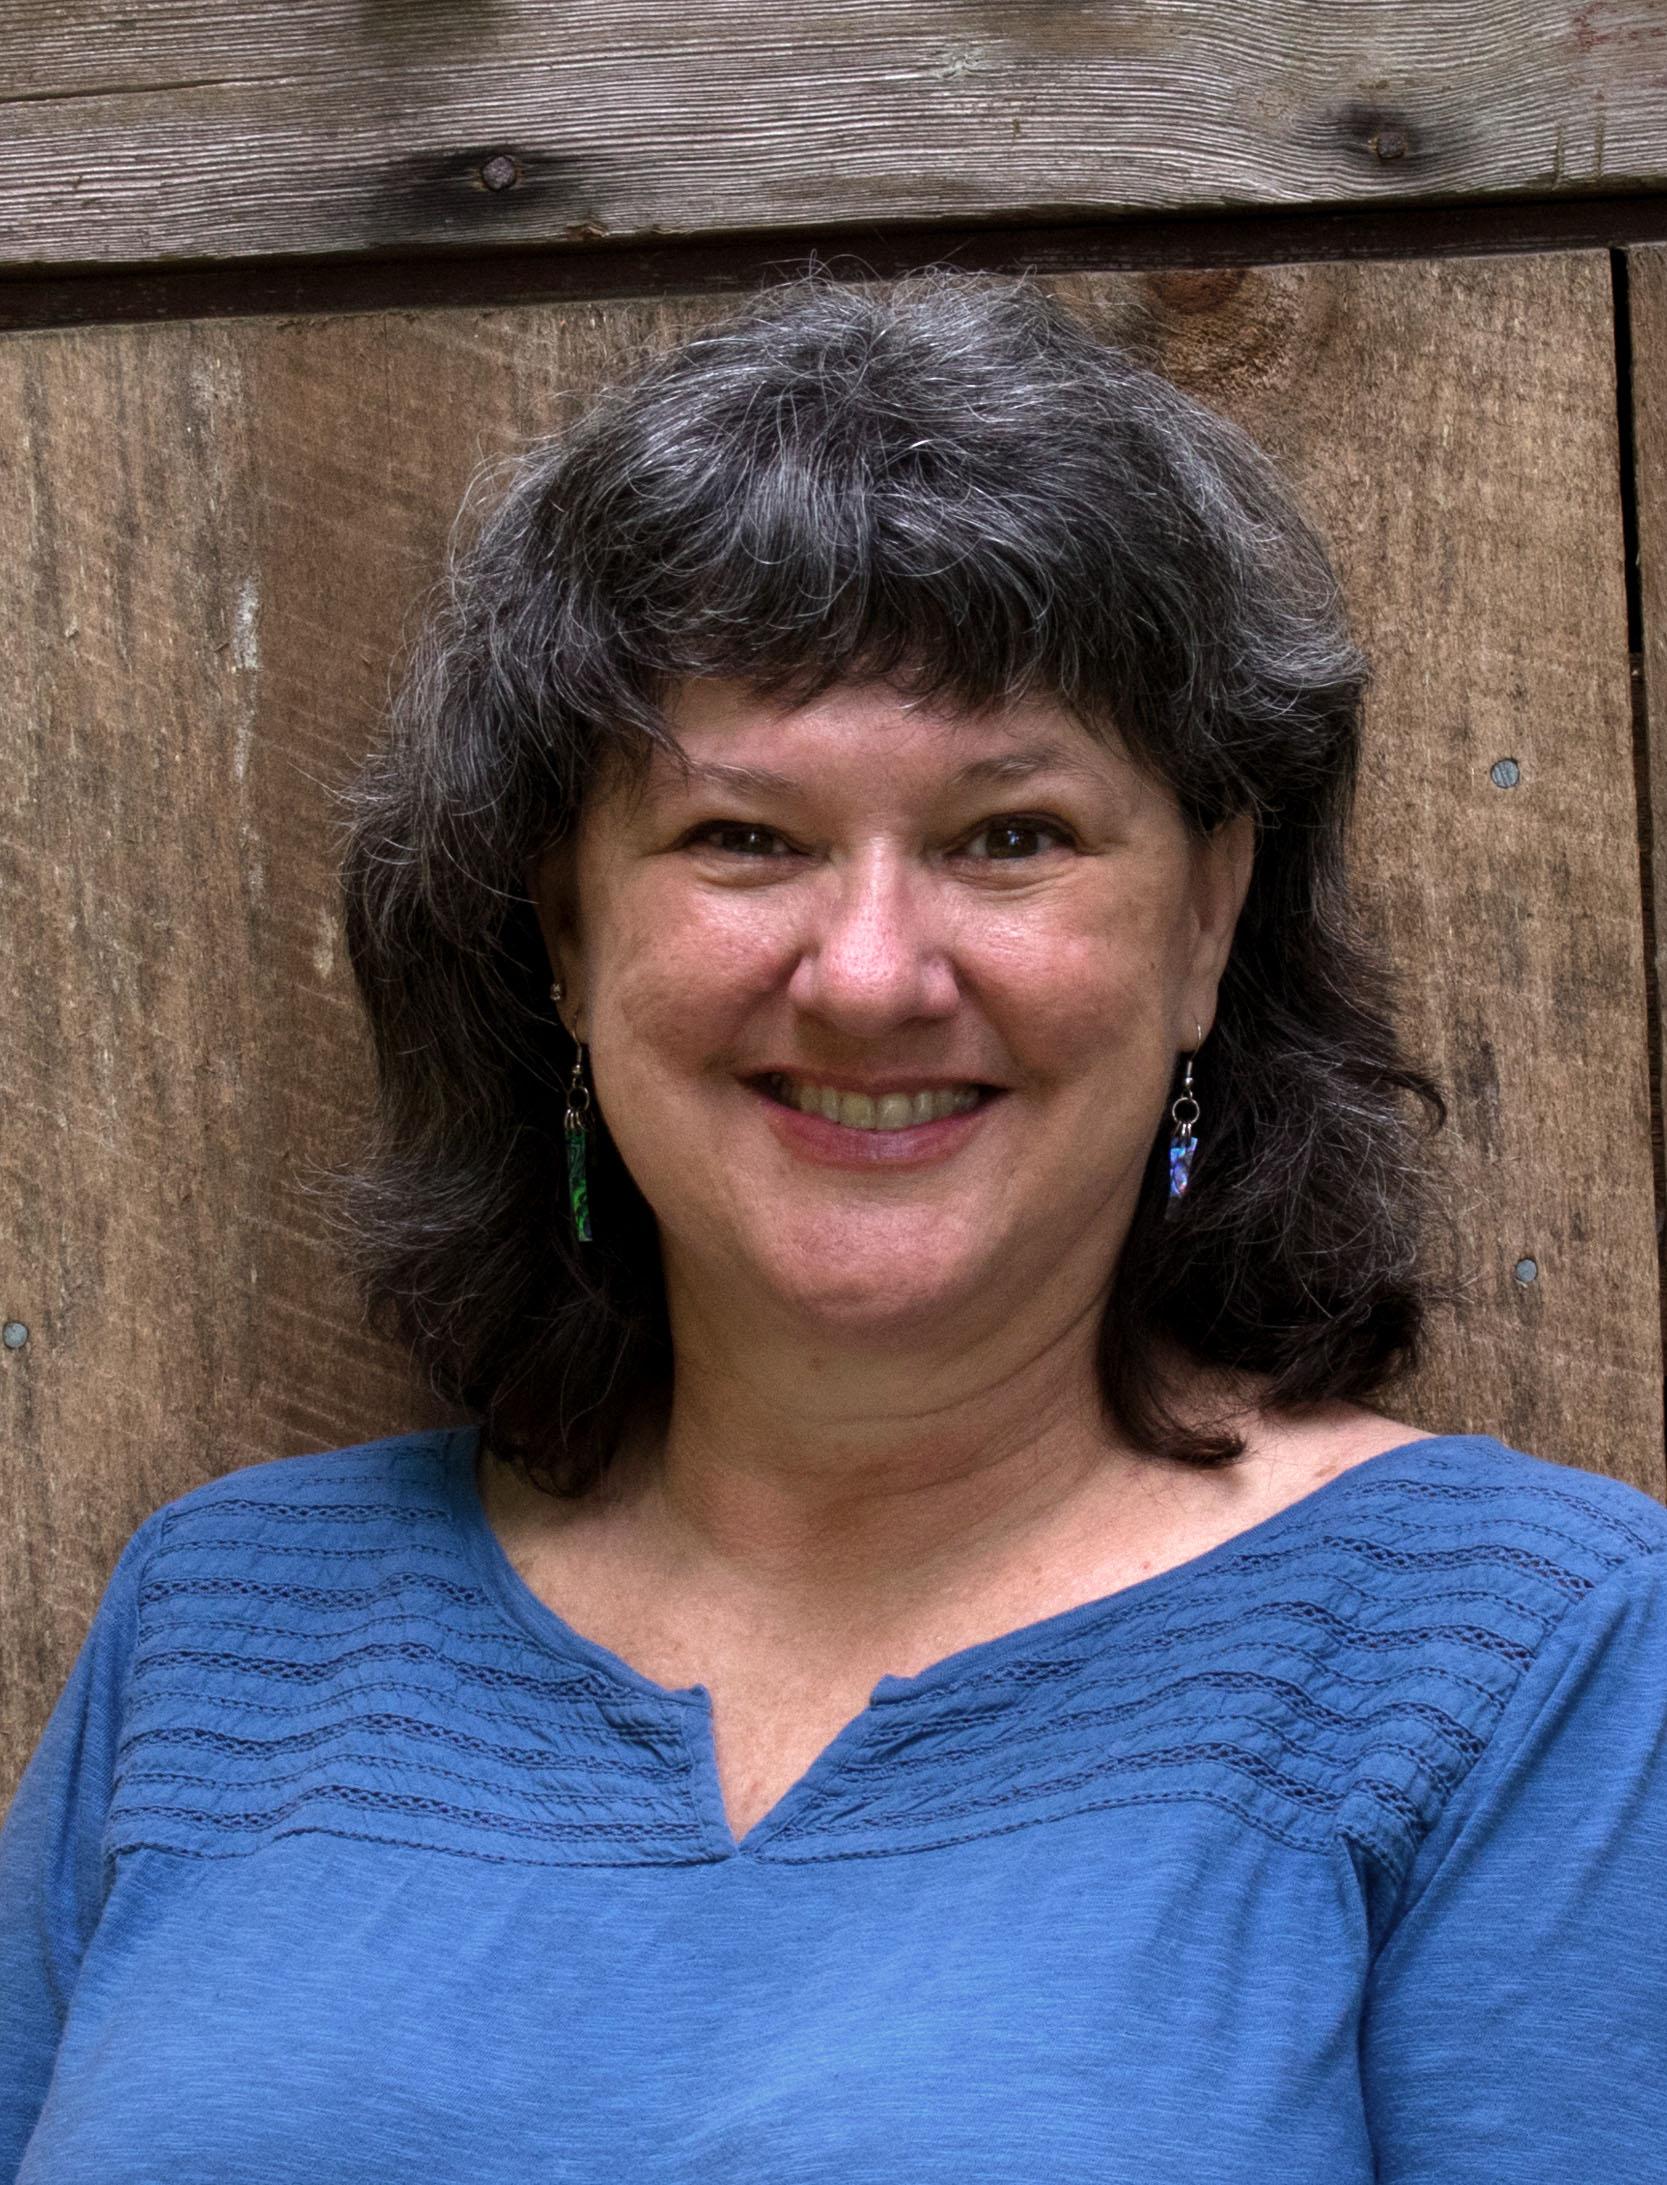 Kelly Lenox